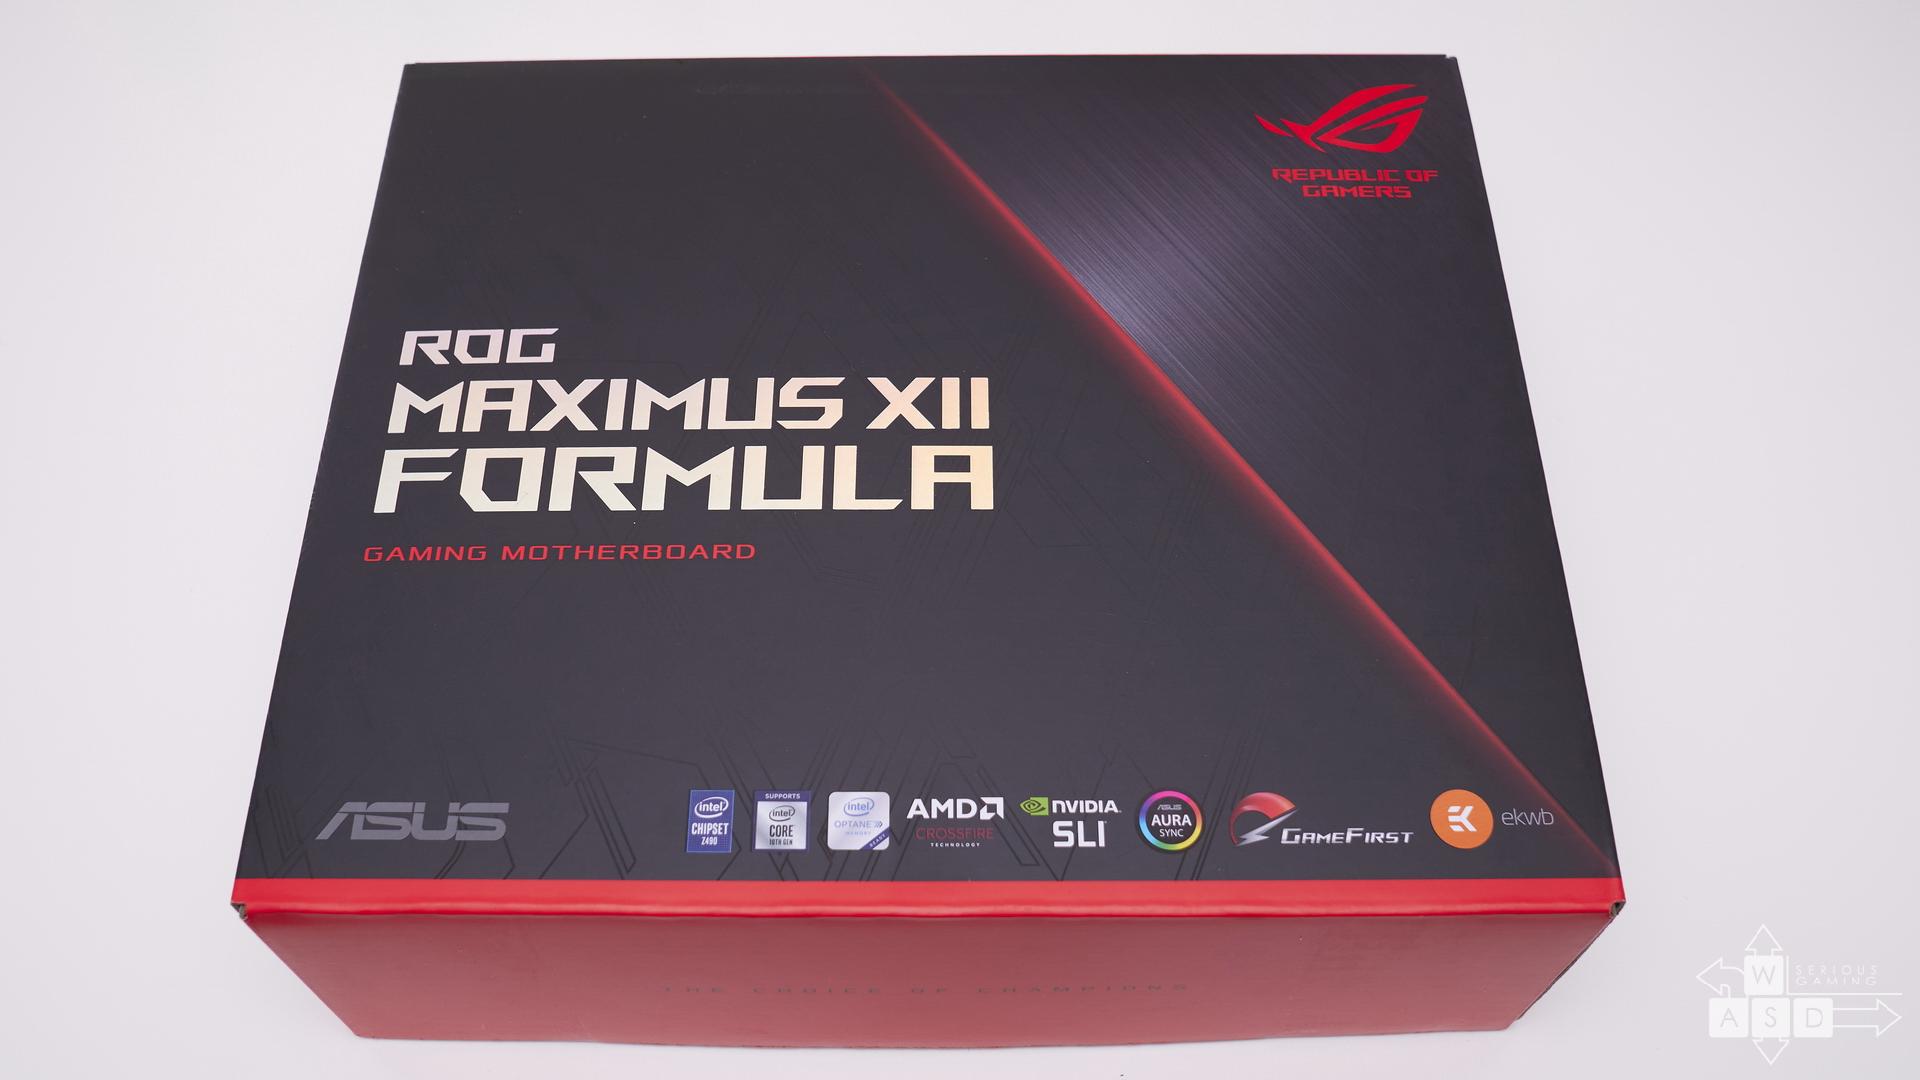 Asus ROG Maximus XII Formula review | WASD